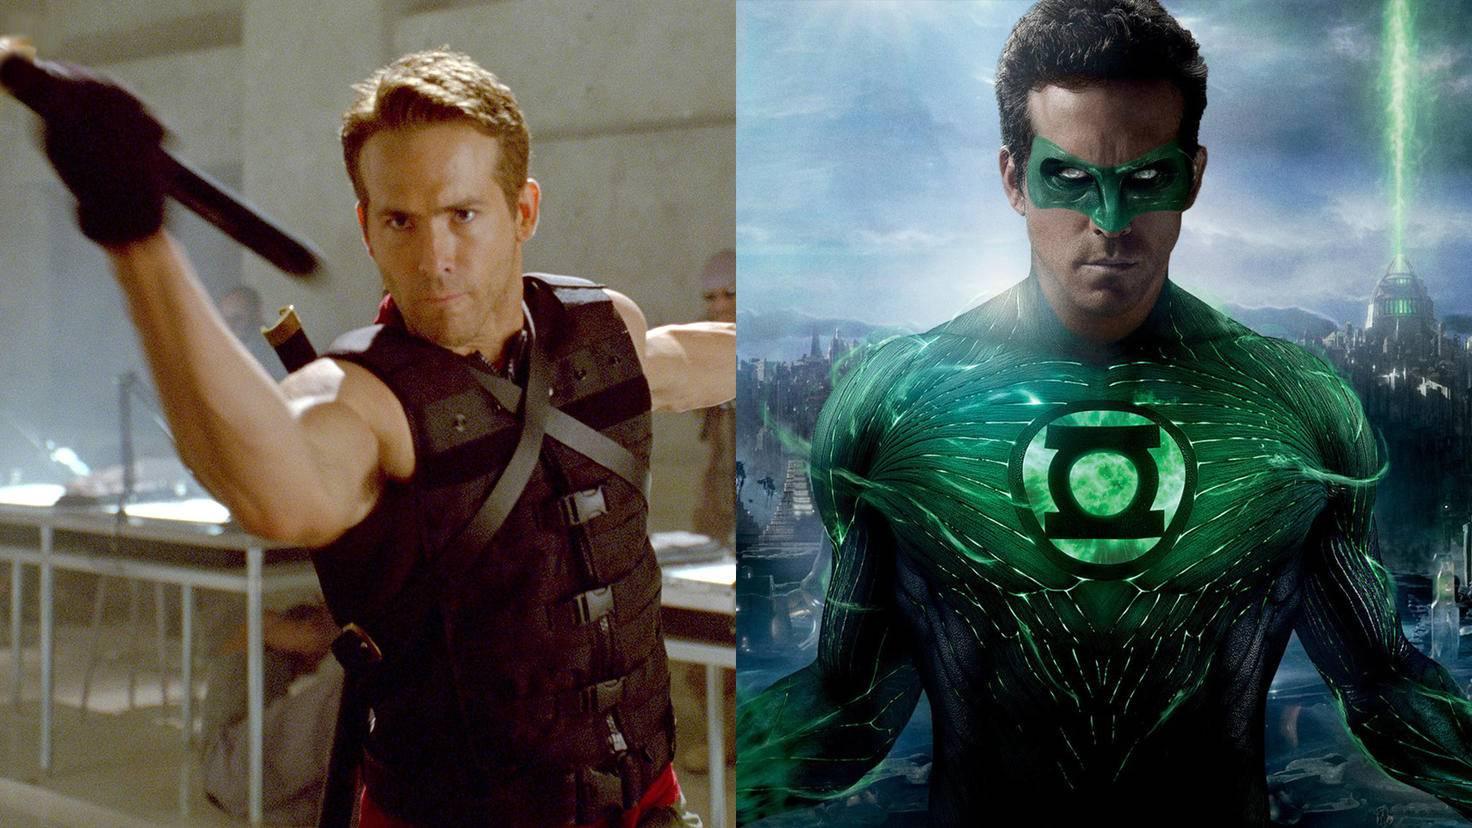 Sprüche klopfen und grüne Laternen schwenken – Ryan Reynolds kann beides.